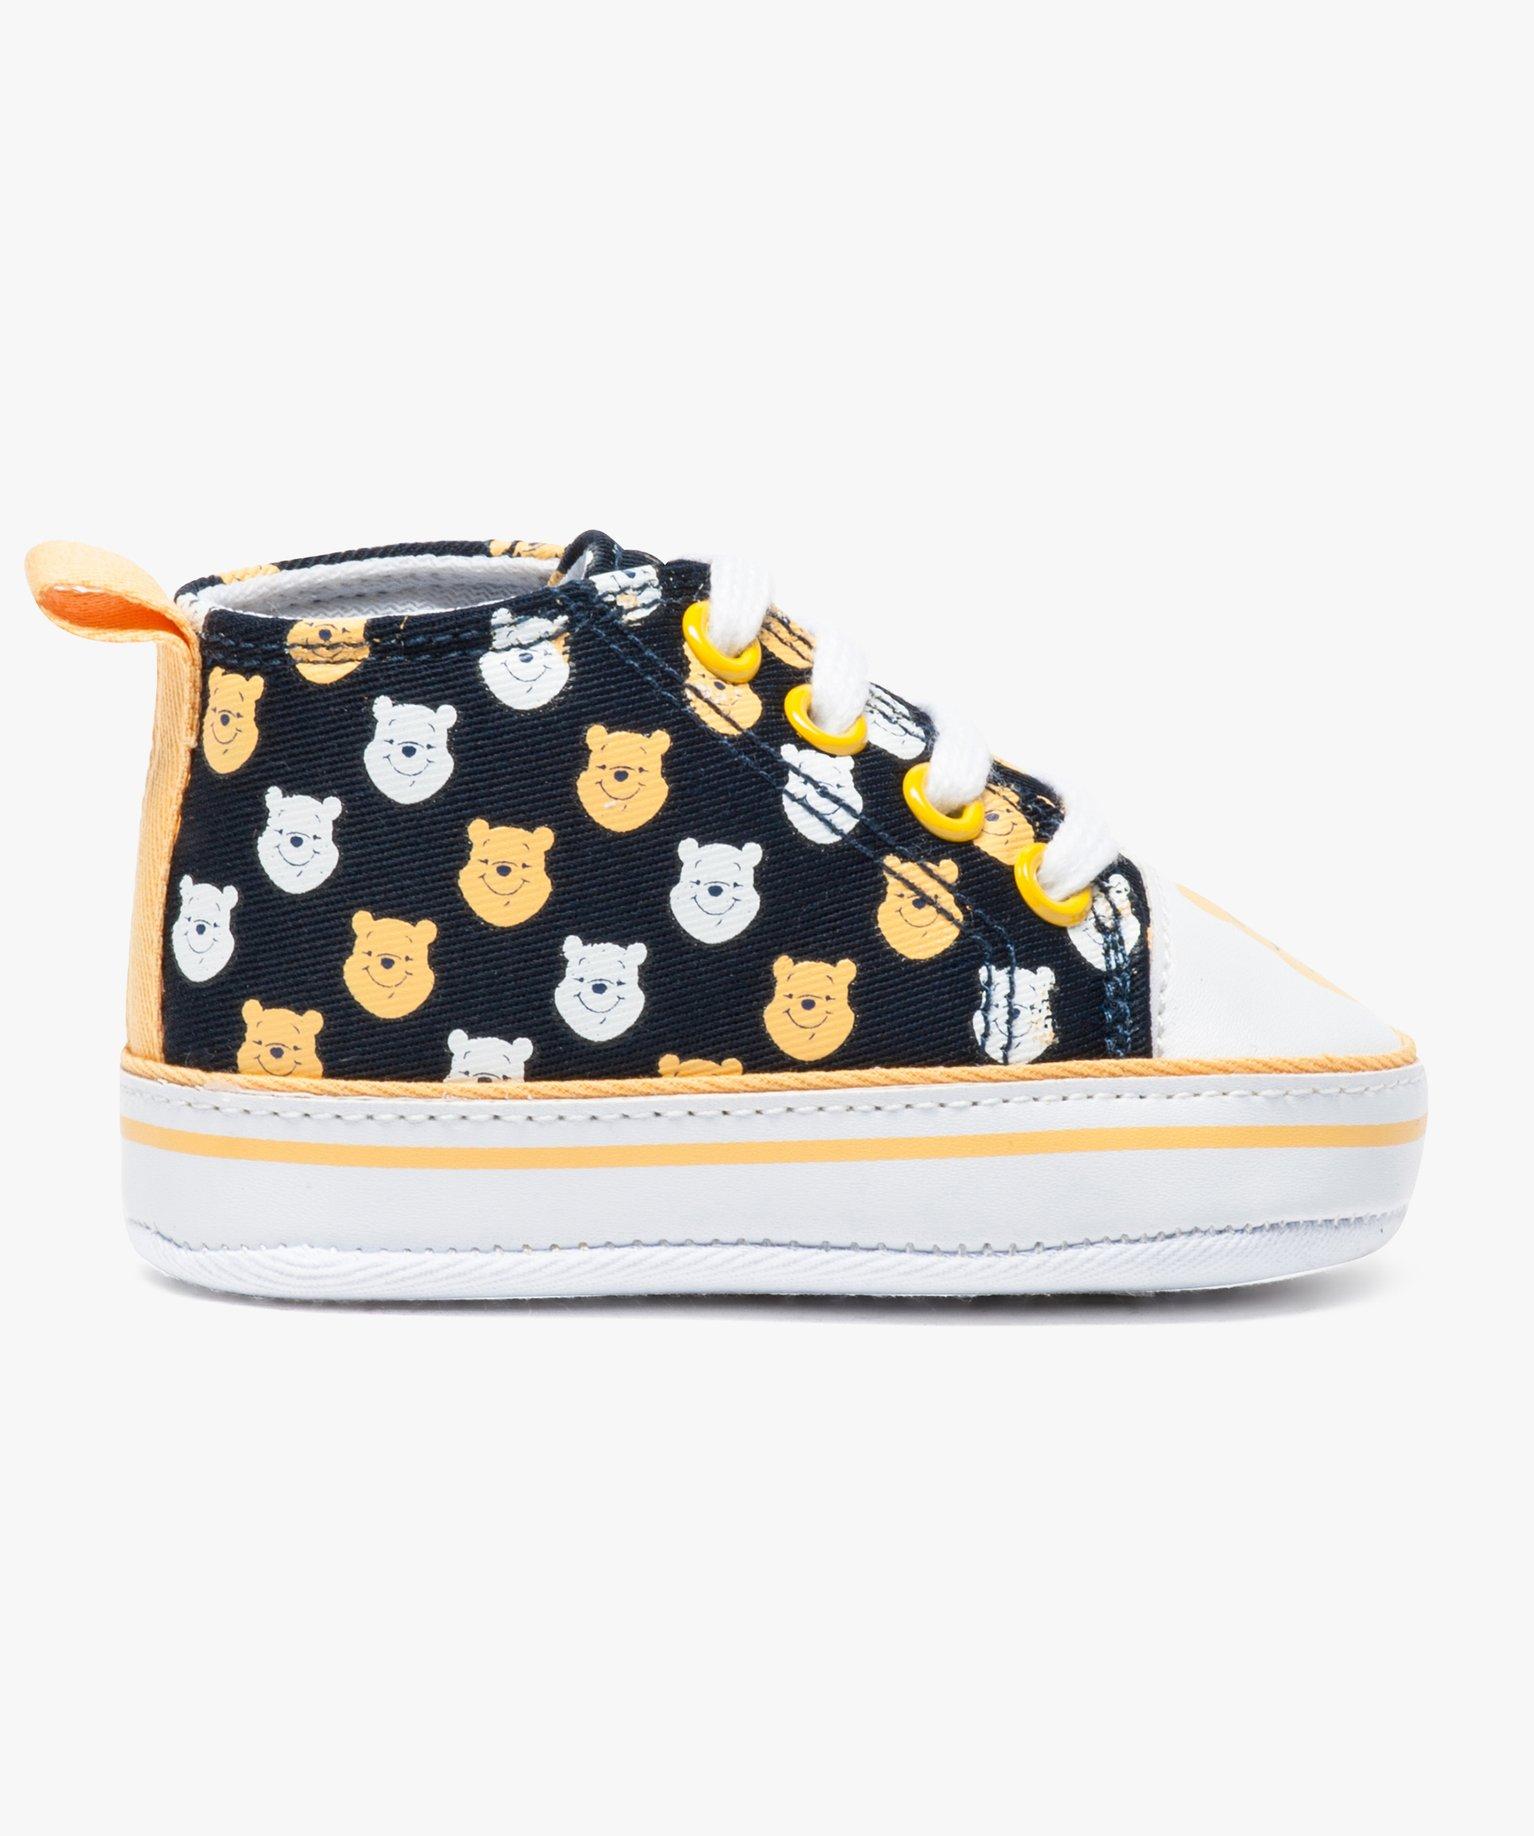 Chaussures de naissance Winnie l'ourson - Disney